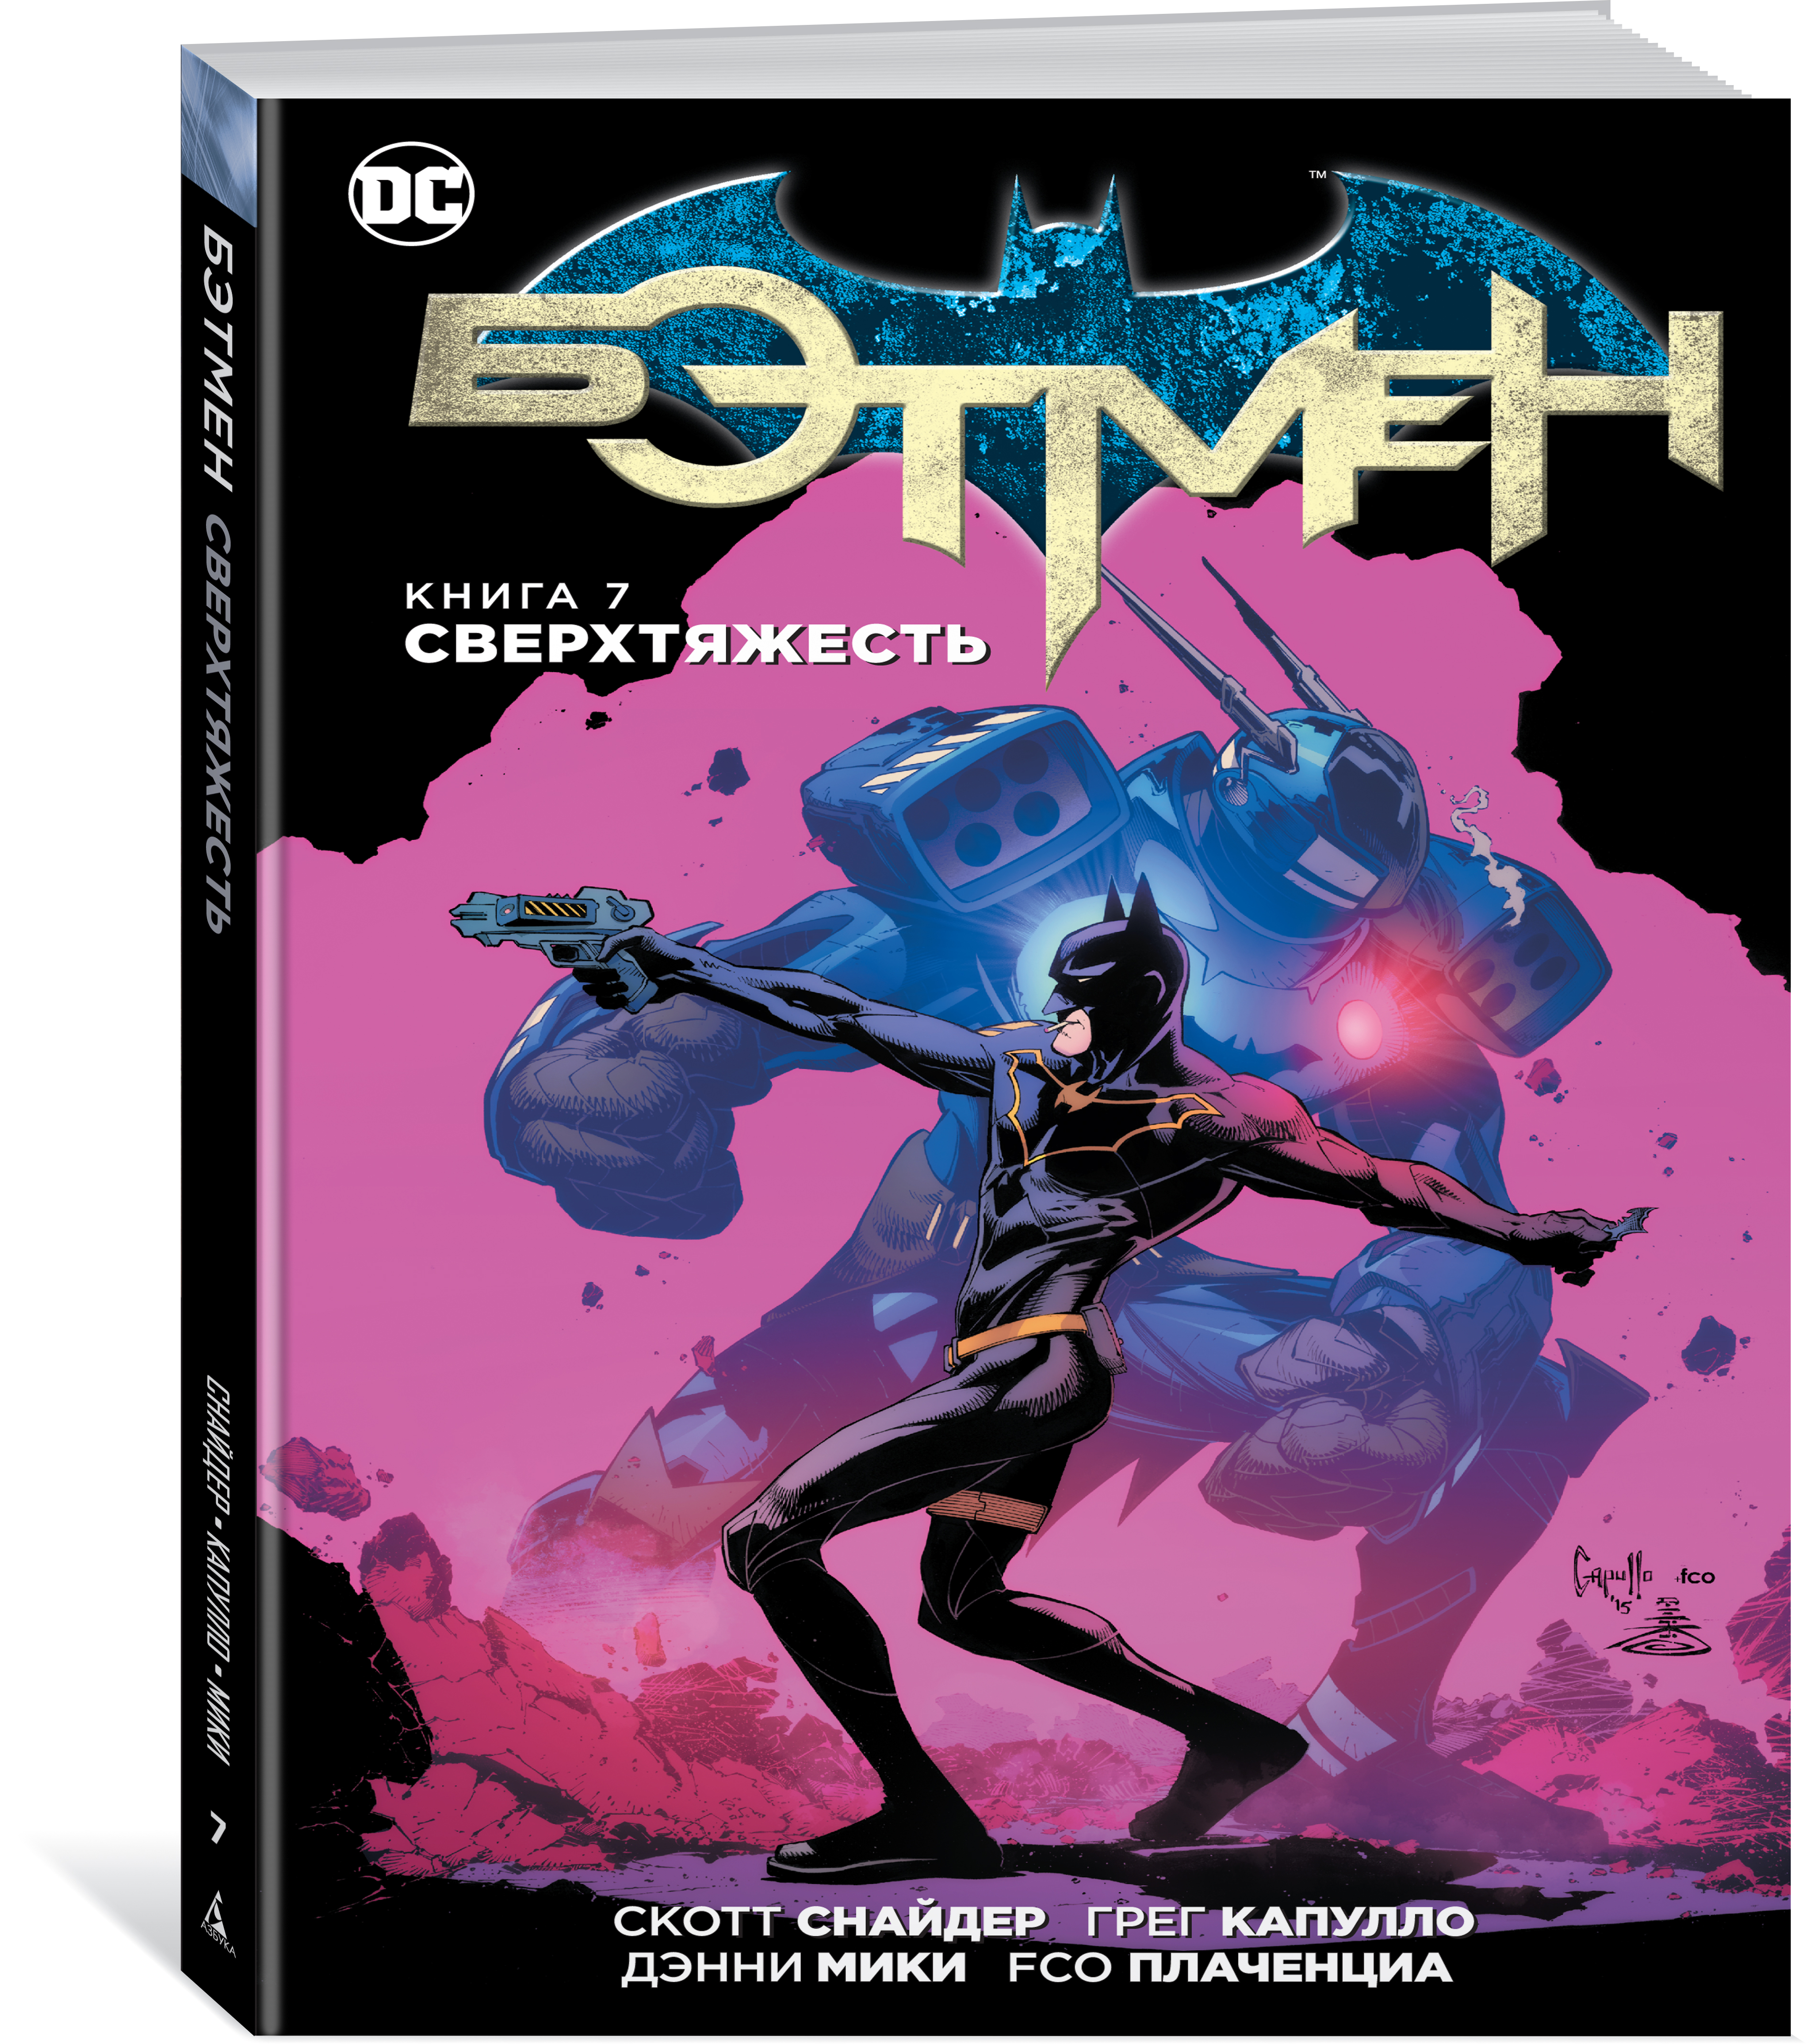 Скотт Снайдер Бэтмен. Книга 7. Сверхтяжесть миллер фрэнк бэтмен возвращение темного рыцаря